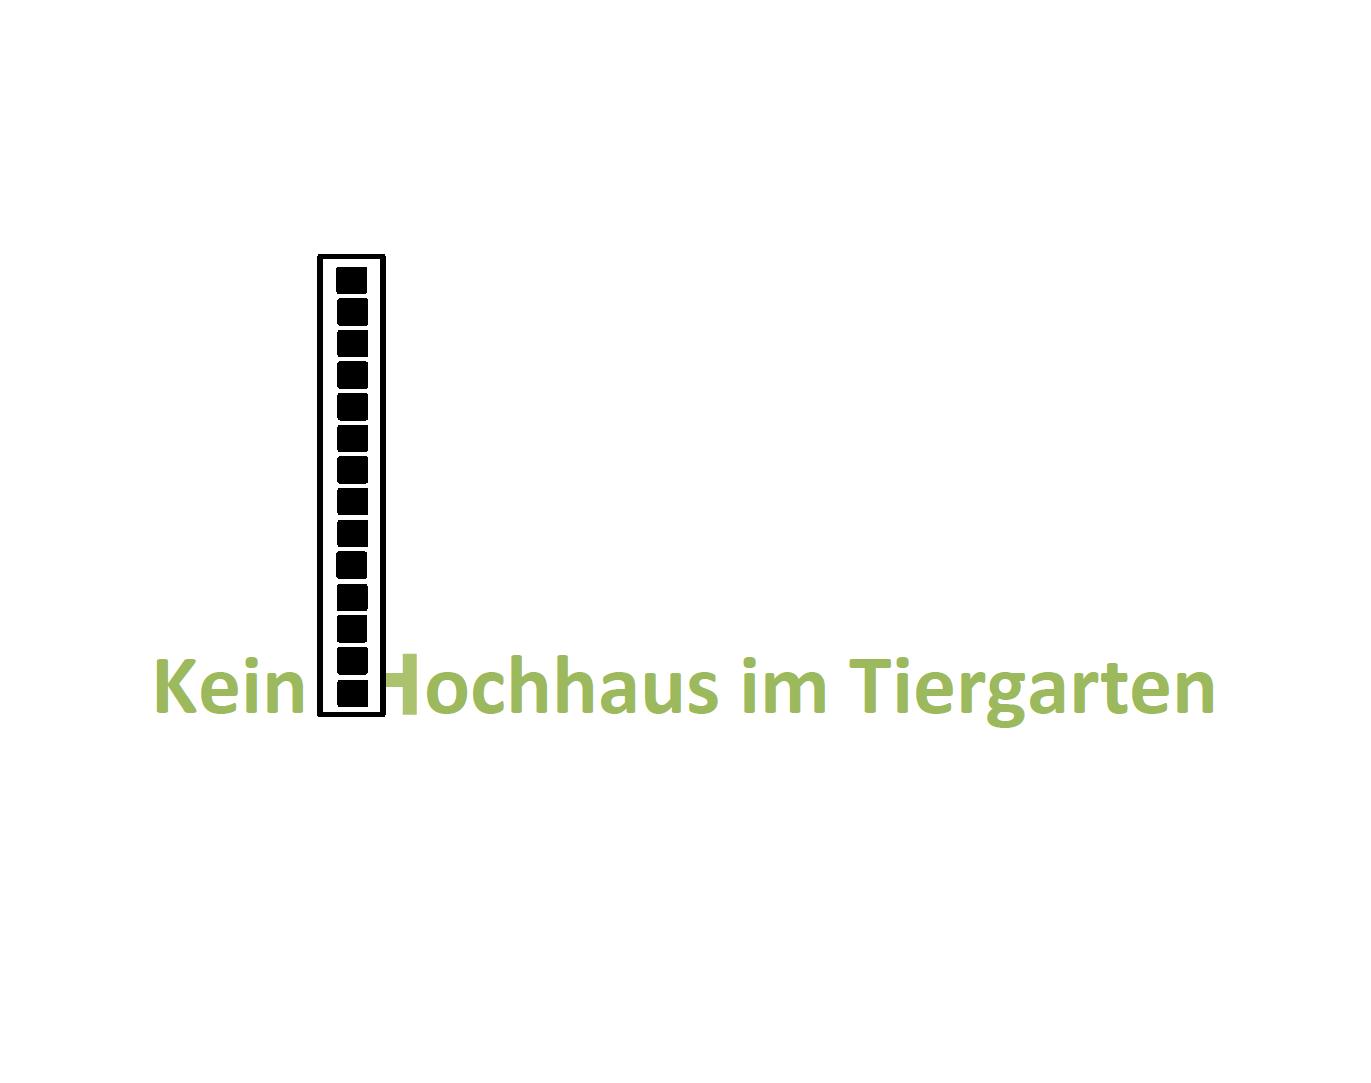 Logo Kein Hochhaus im Tiergarten